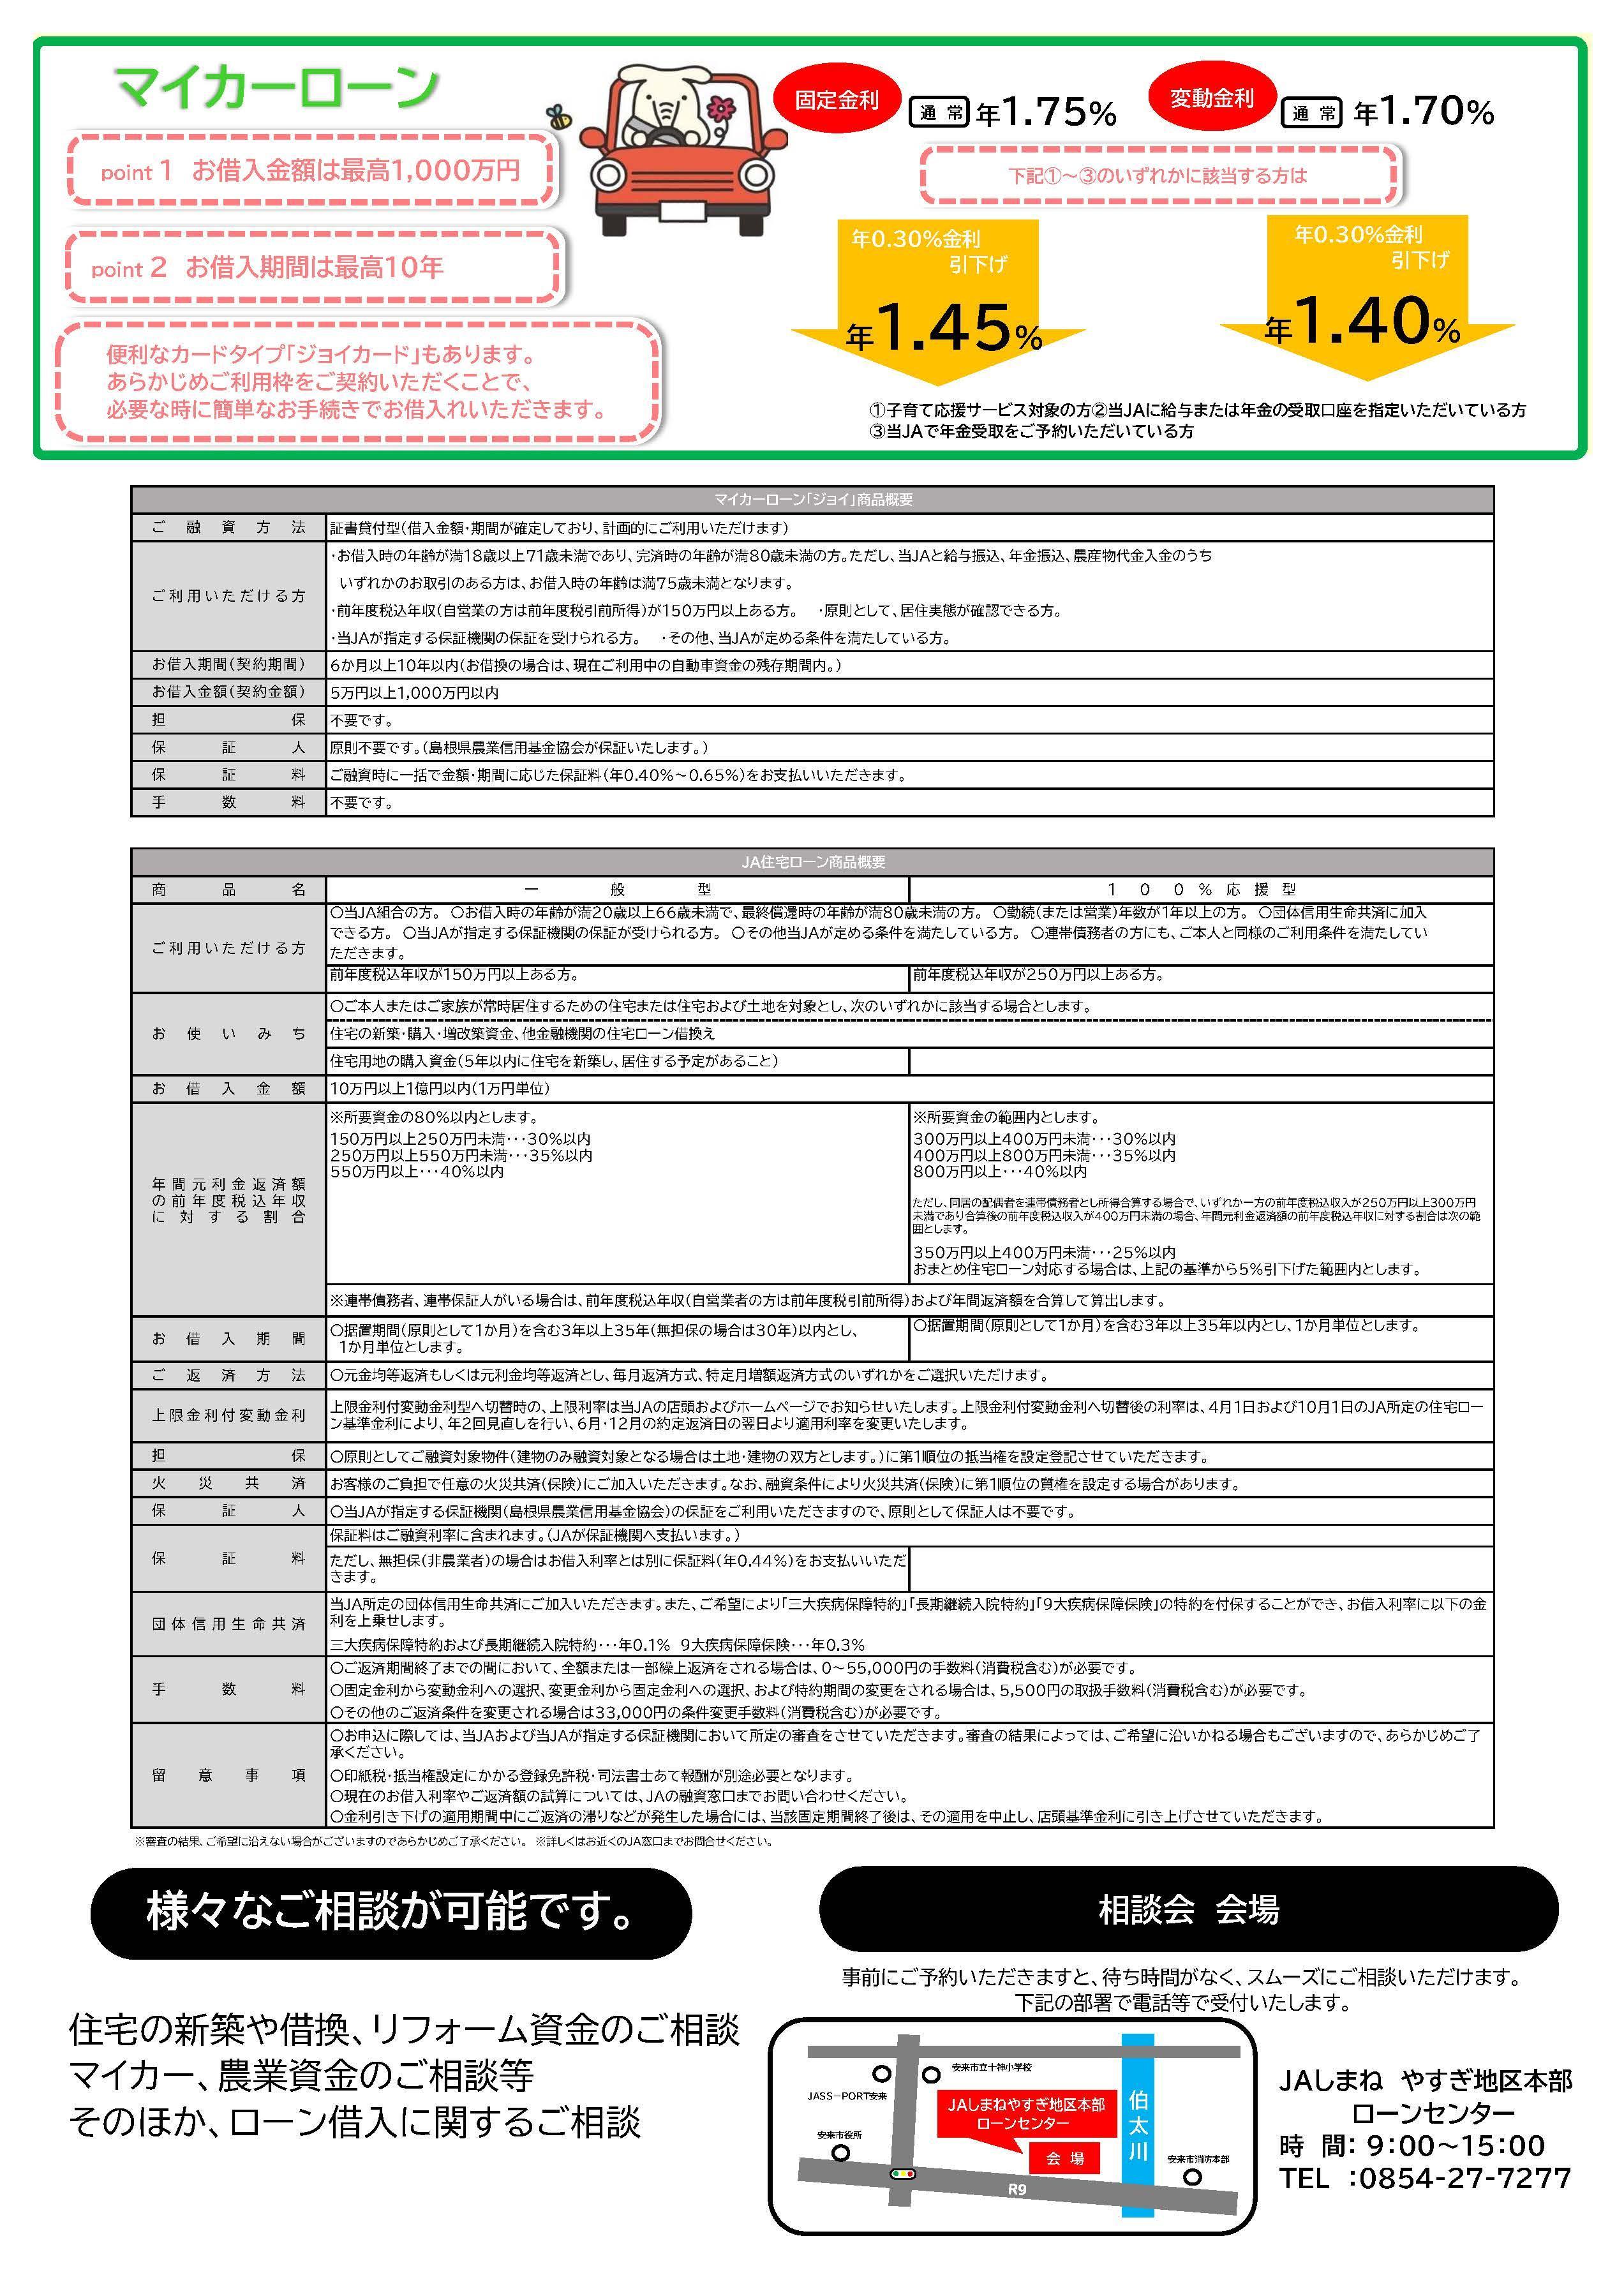 【やすぎLC】ローン相談会チラシ_ページ_2.jpg